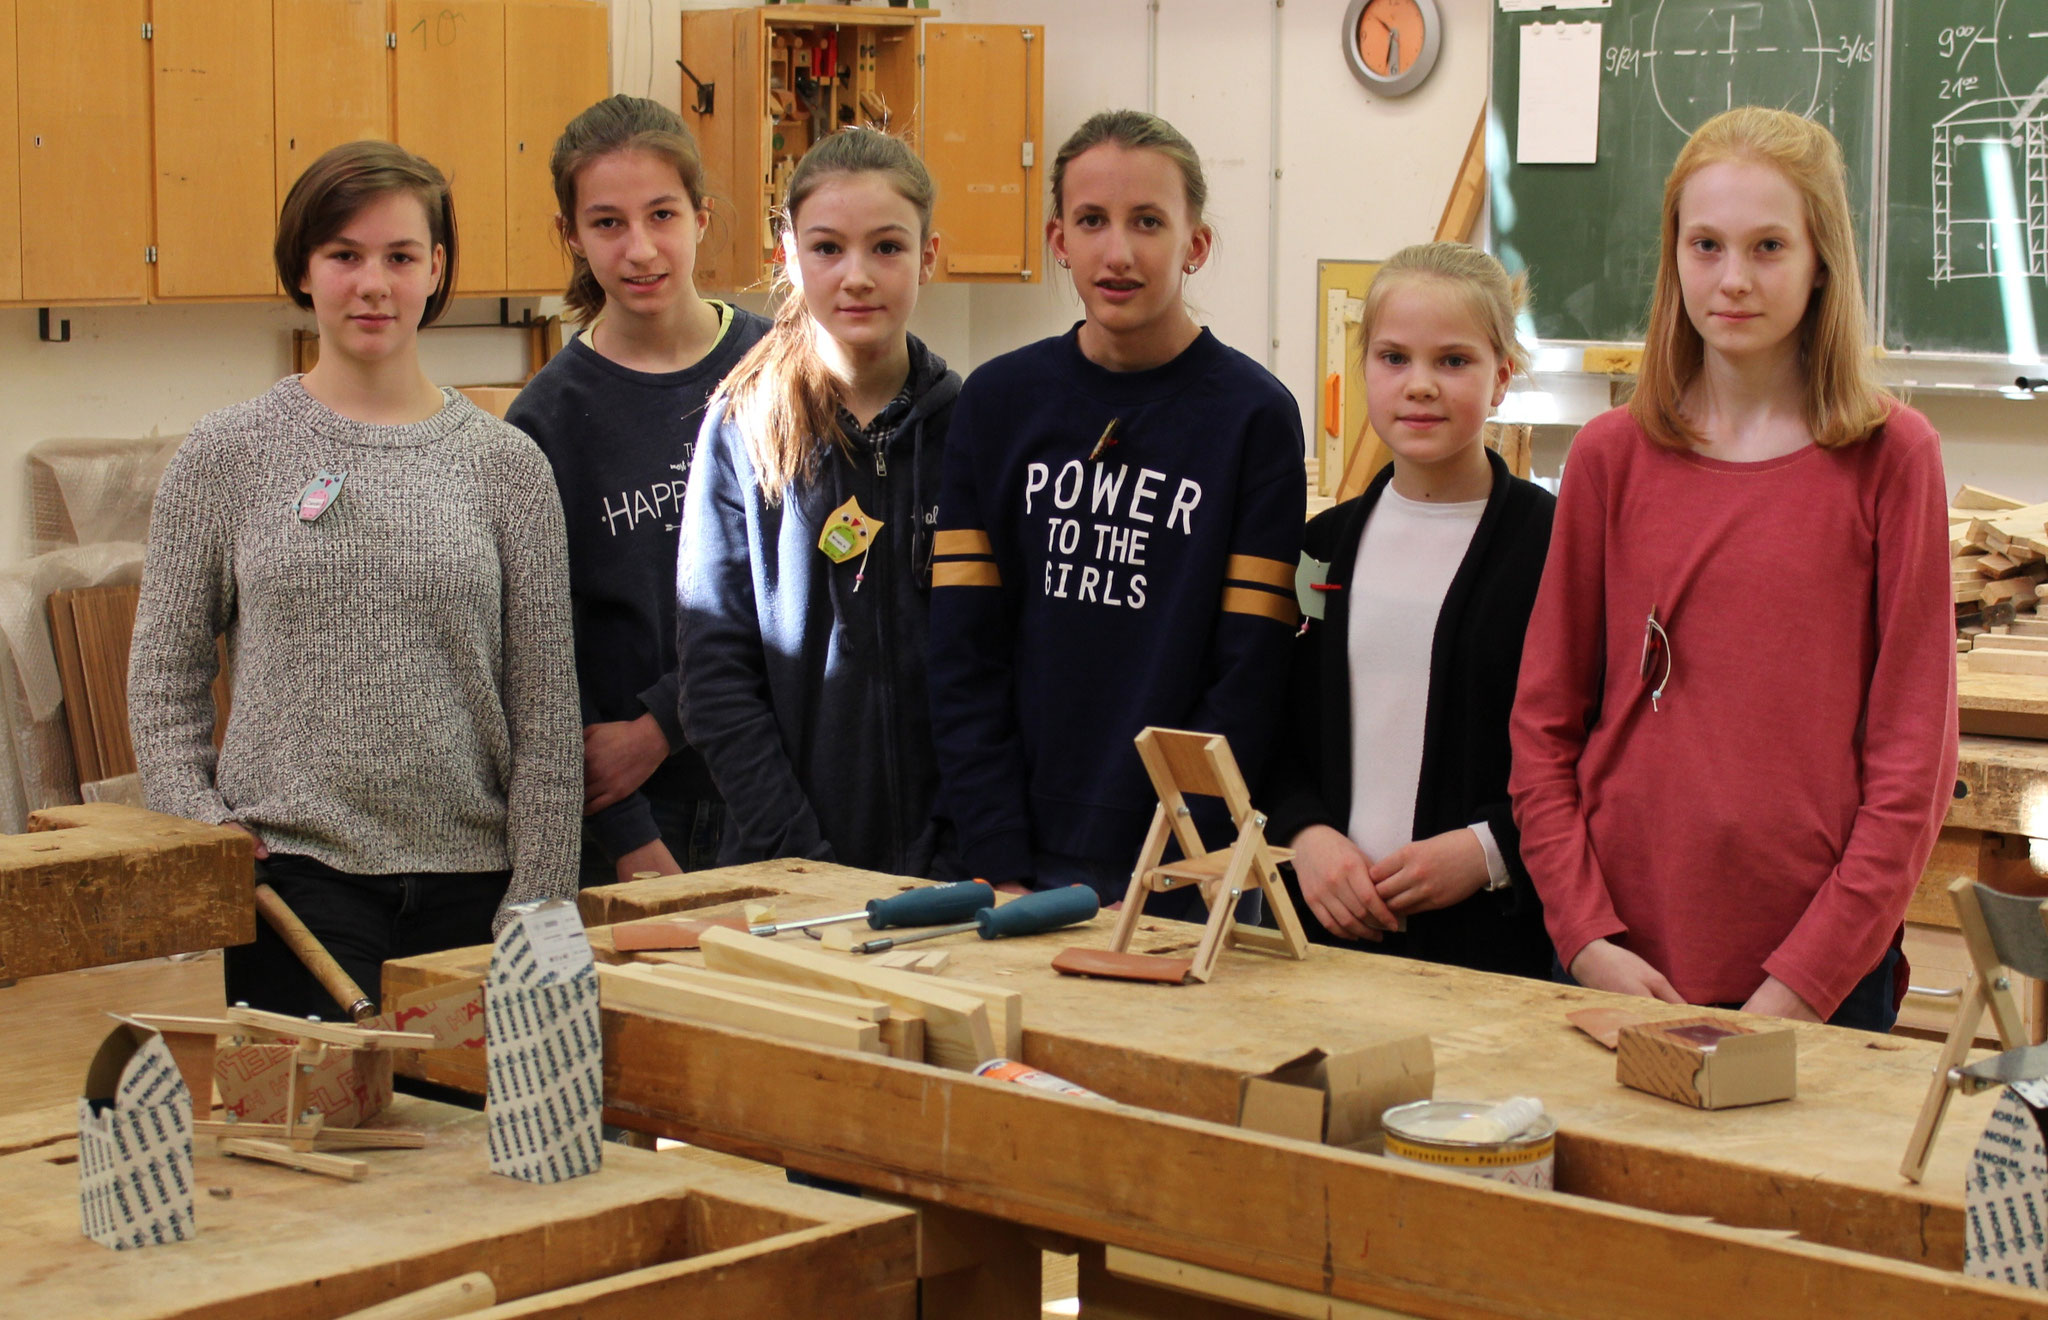 Die jungen Besucherinnen in der Holzwerkstatt